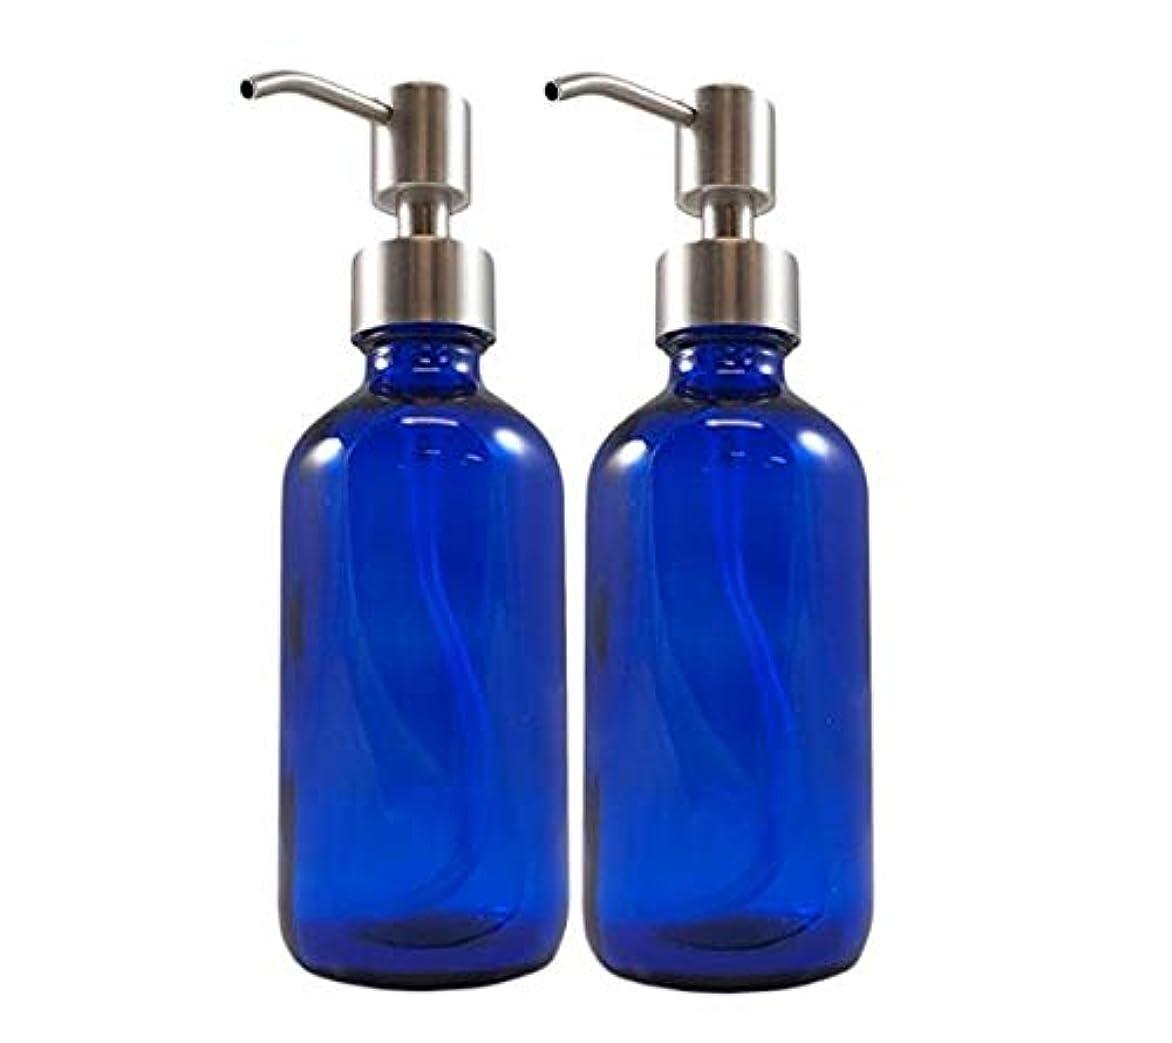 文字昼寝冒険家2本セット 遮光瓶 コバルトブルー ガラス ポンプ ボトル 235ml ミニじょうご付き 青ボトル [並行輸入品]